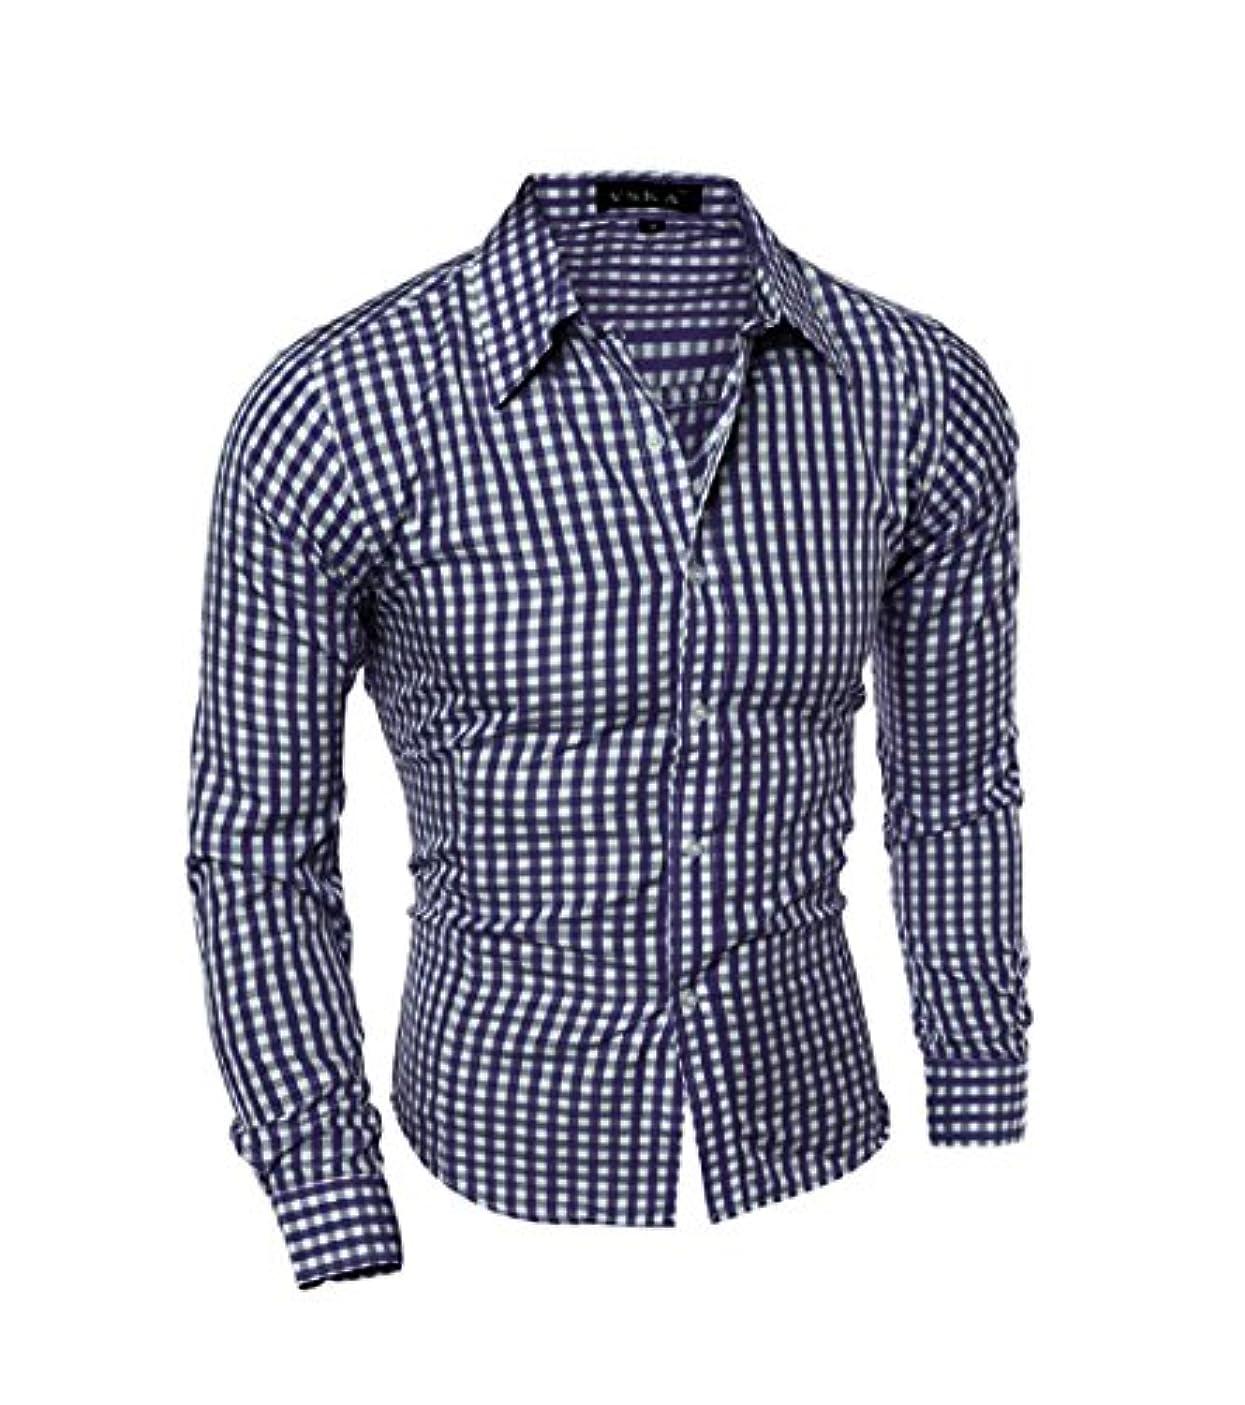 船尾軽減するライトニングHonghu メンズ シャツ 長袖 6色 スリム チェック柄 ネイビー 2XL 1PC